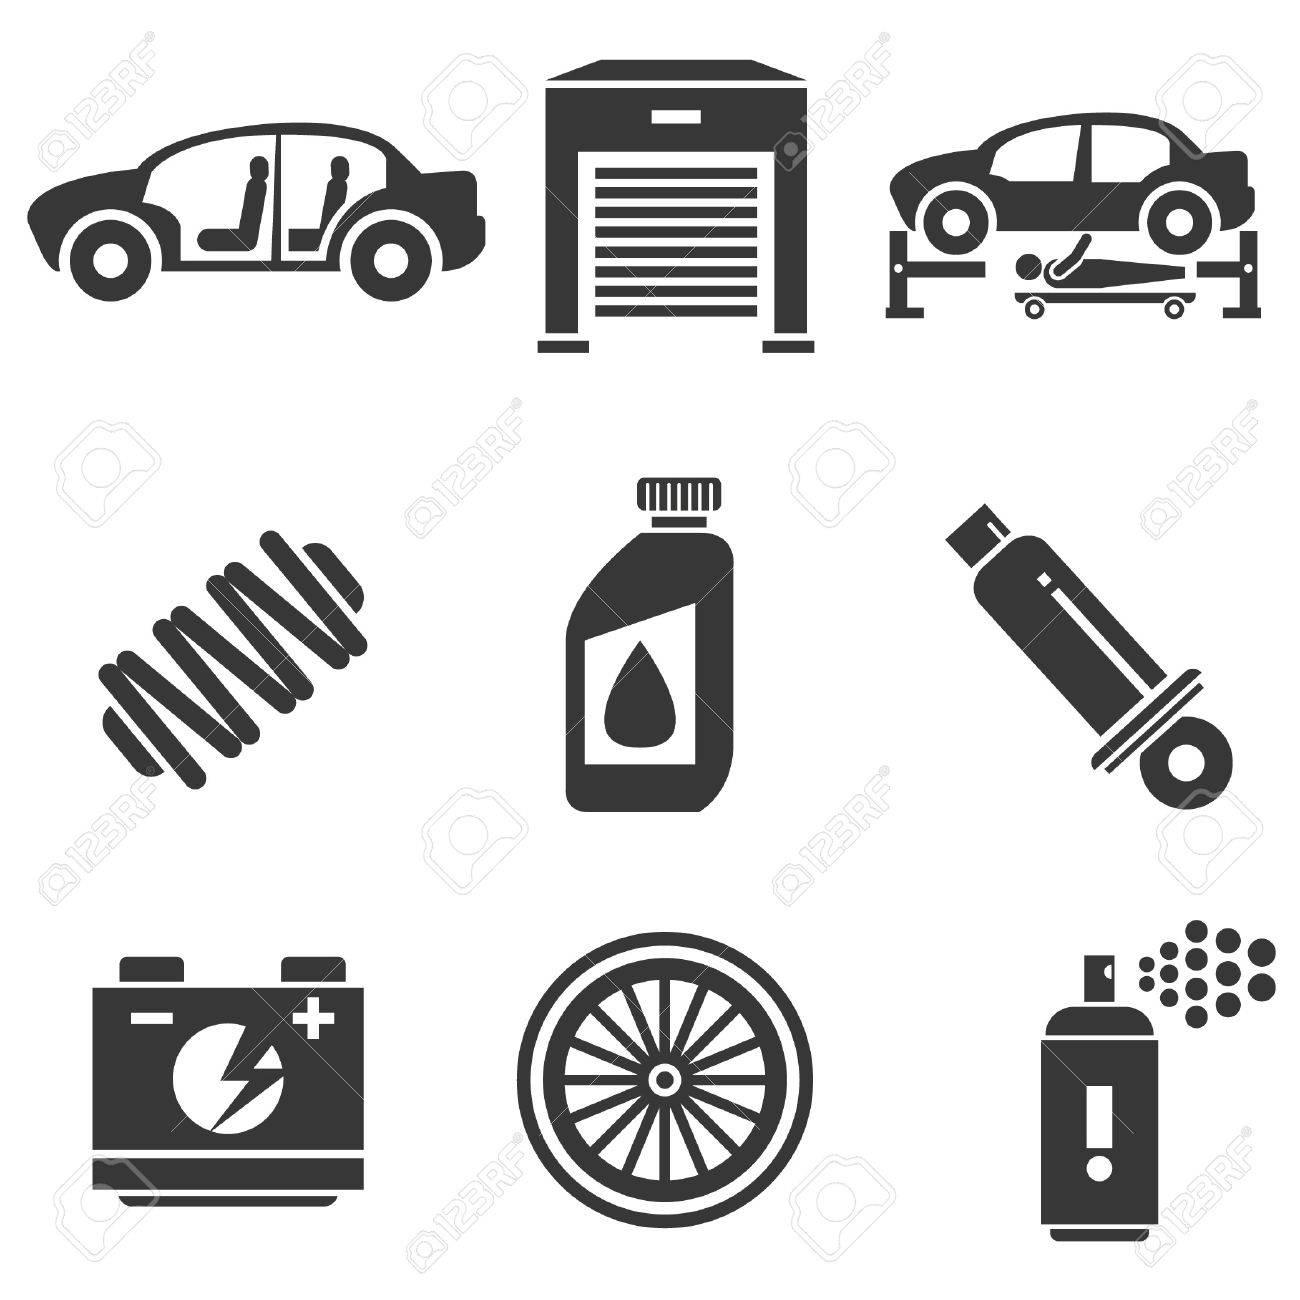 自動車用アイコン、車の部品およびガレージのアイコン ロイヤリティ